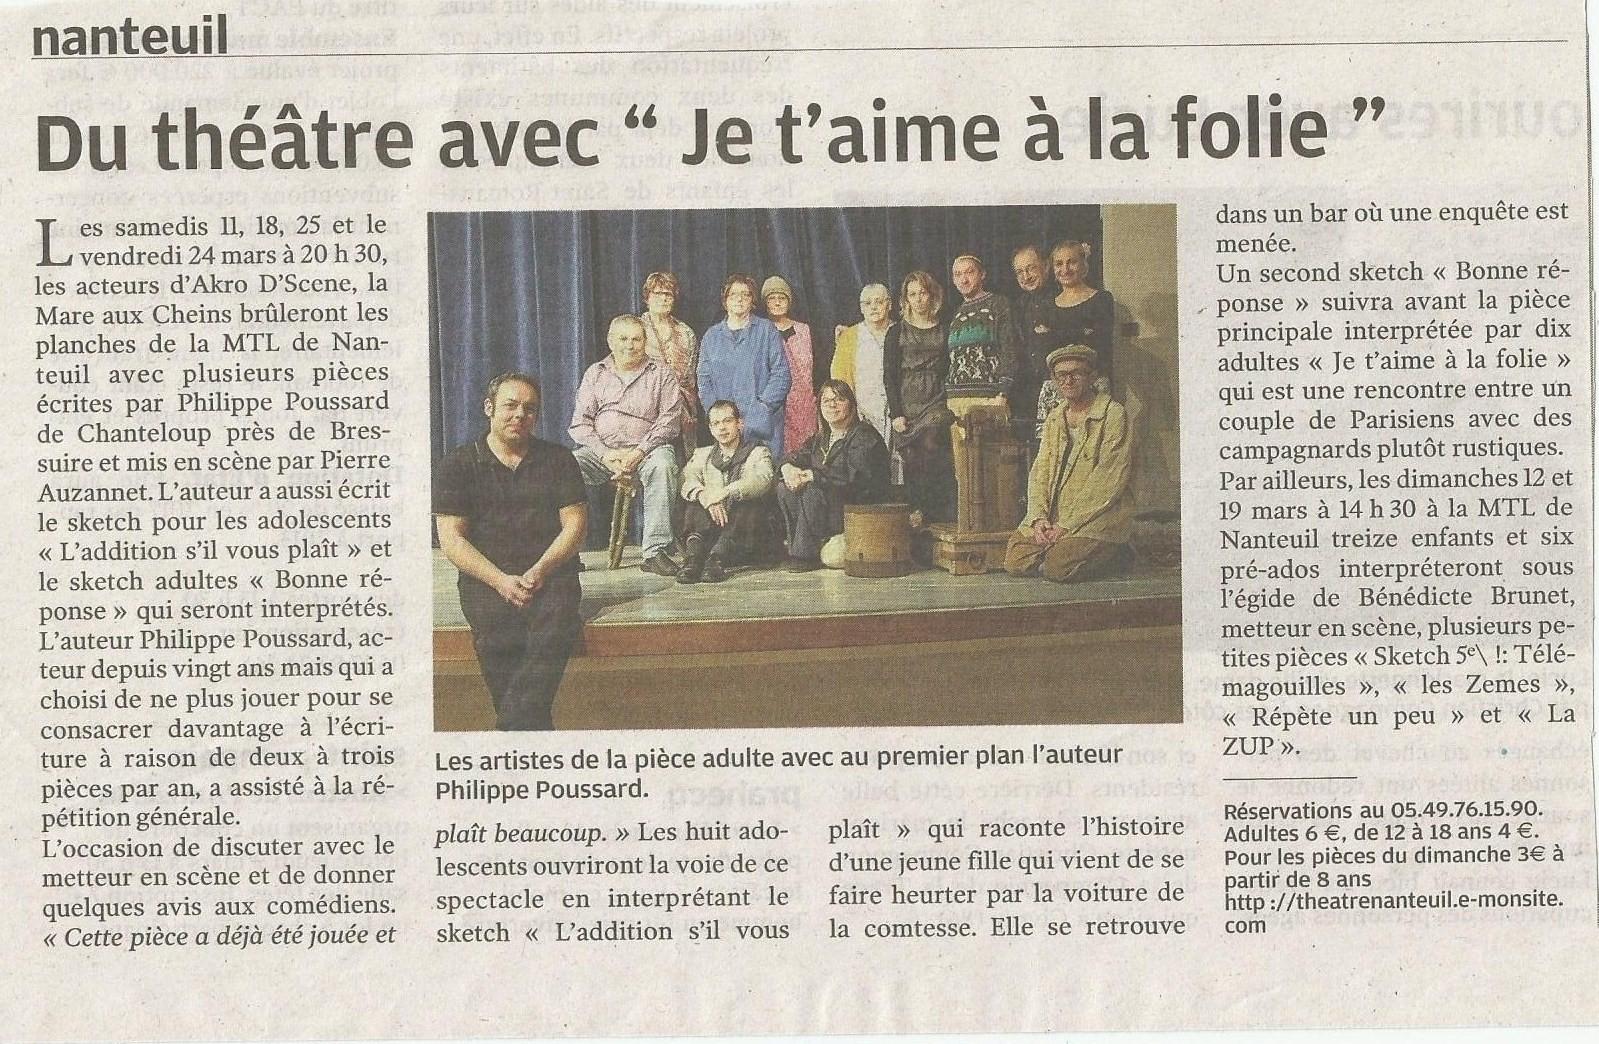 Article nanteuil